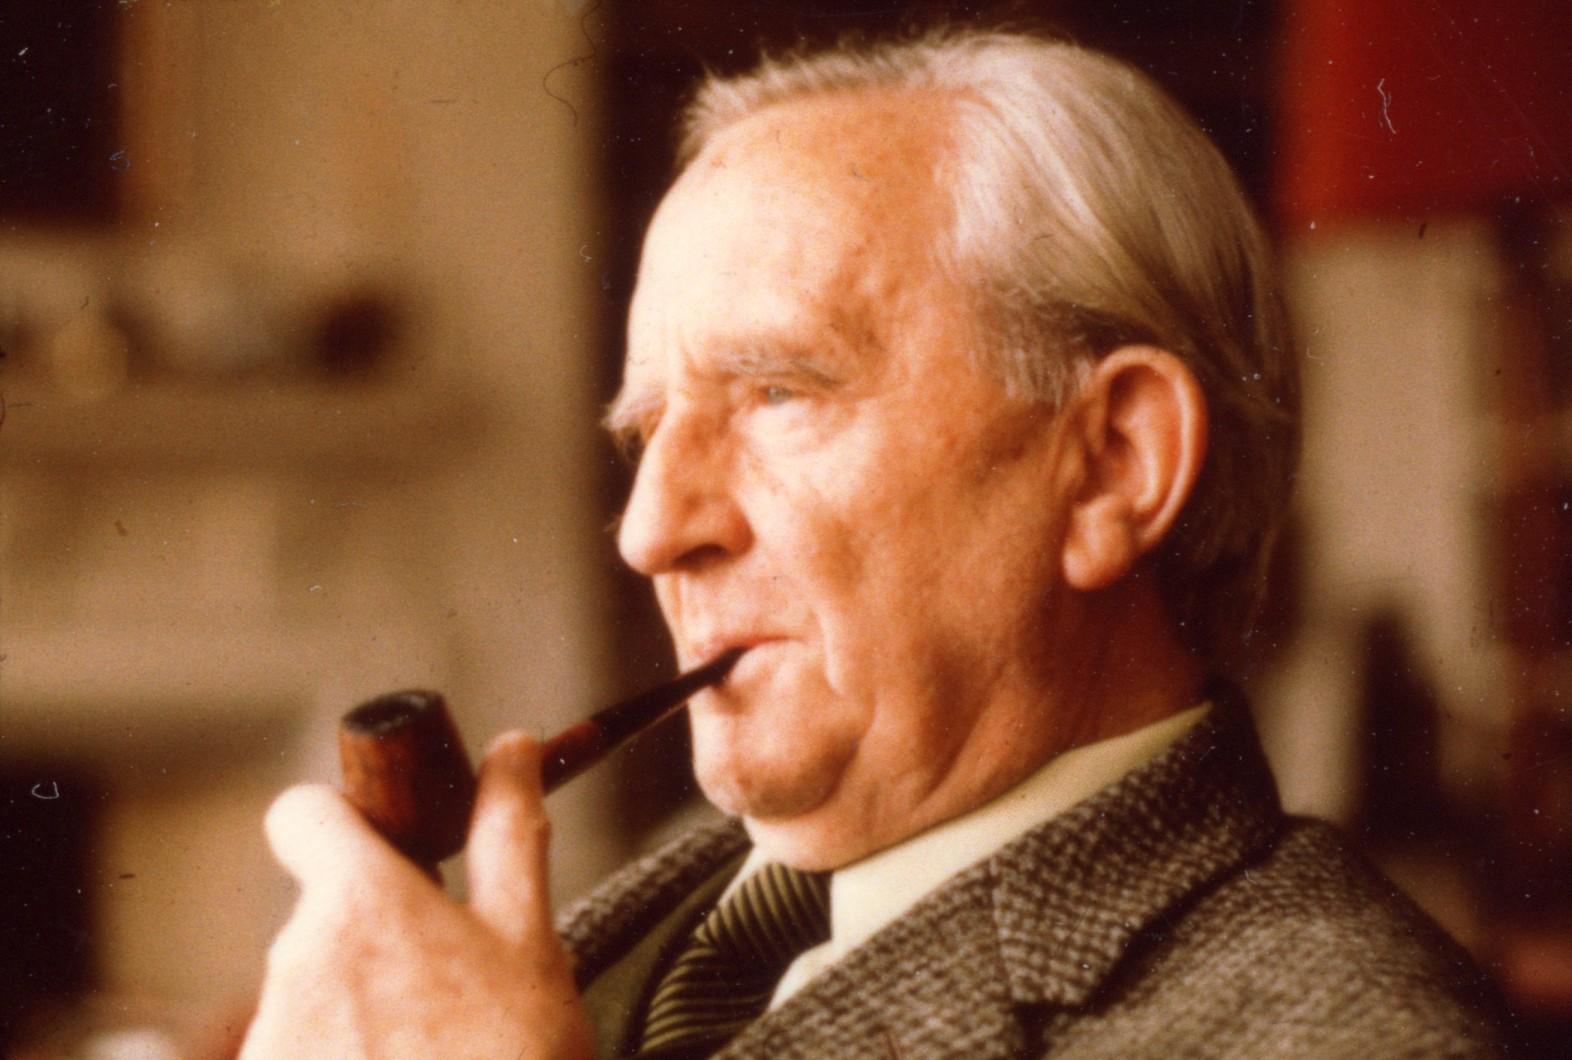 Com 'O Senhor dos Anéis', o professor J. R. R. Tolkien virou um fenômeno e influenciou gerações (Foto: Reprodução)